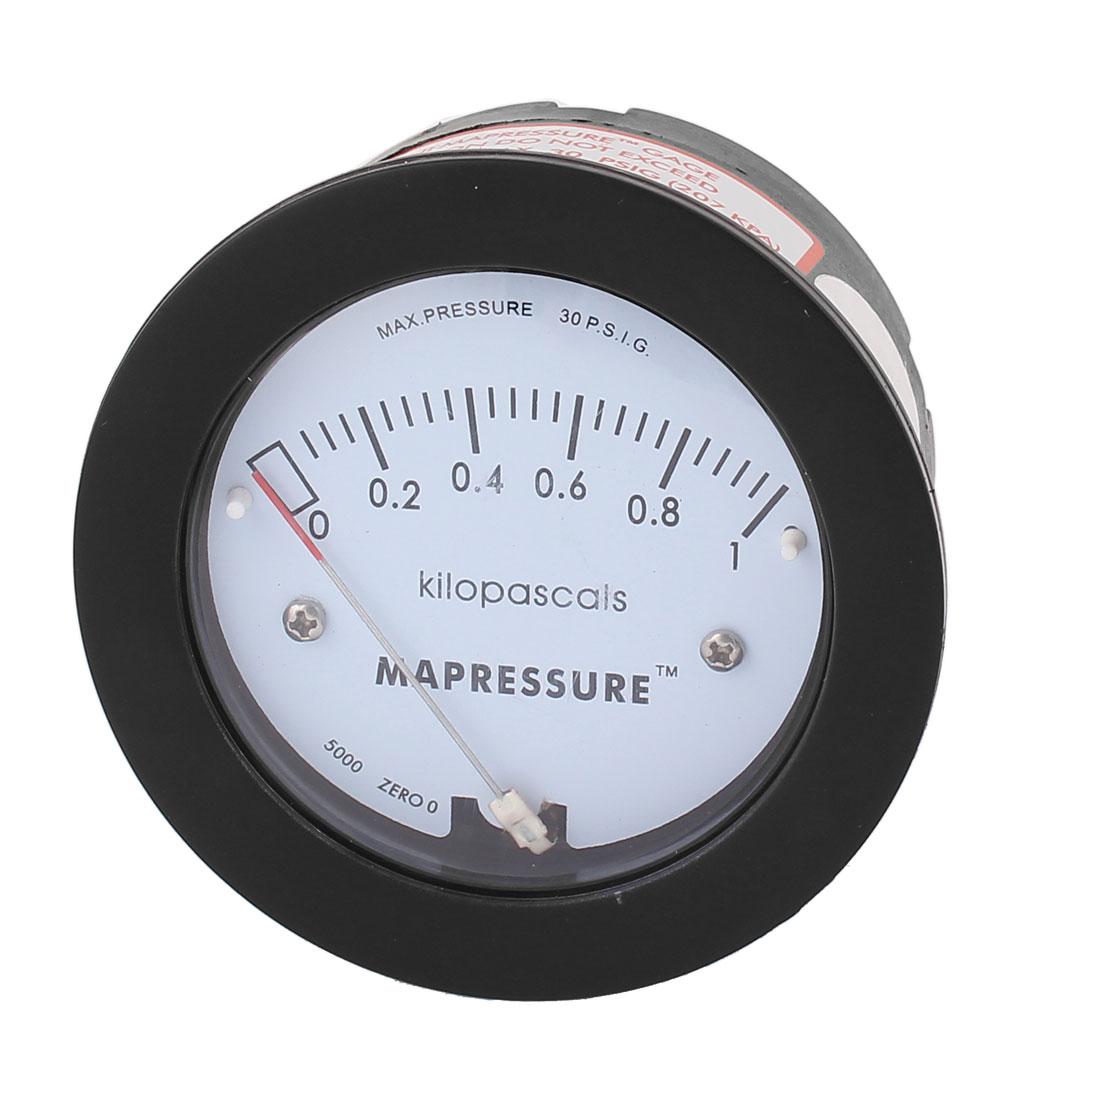 Series 5000 0-1KPa 30 PSIG Differential Pressure Gauge Meter